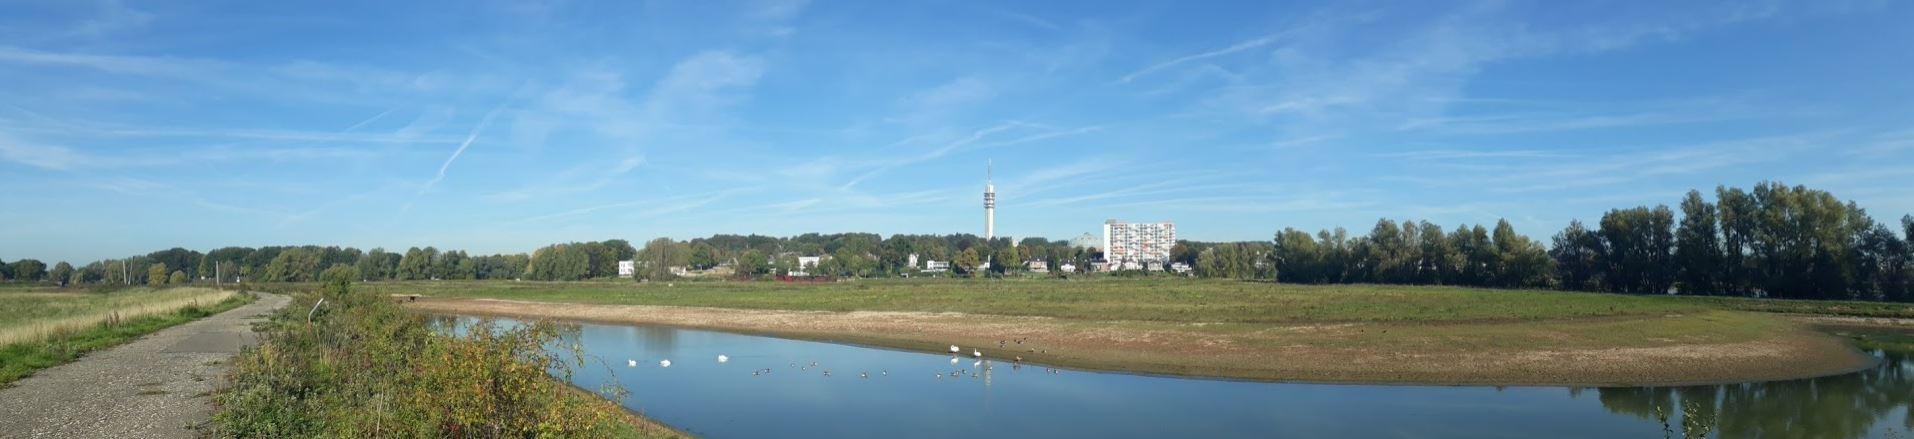 Park Meinerswijk Arnhem